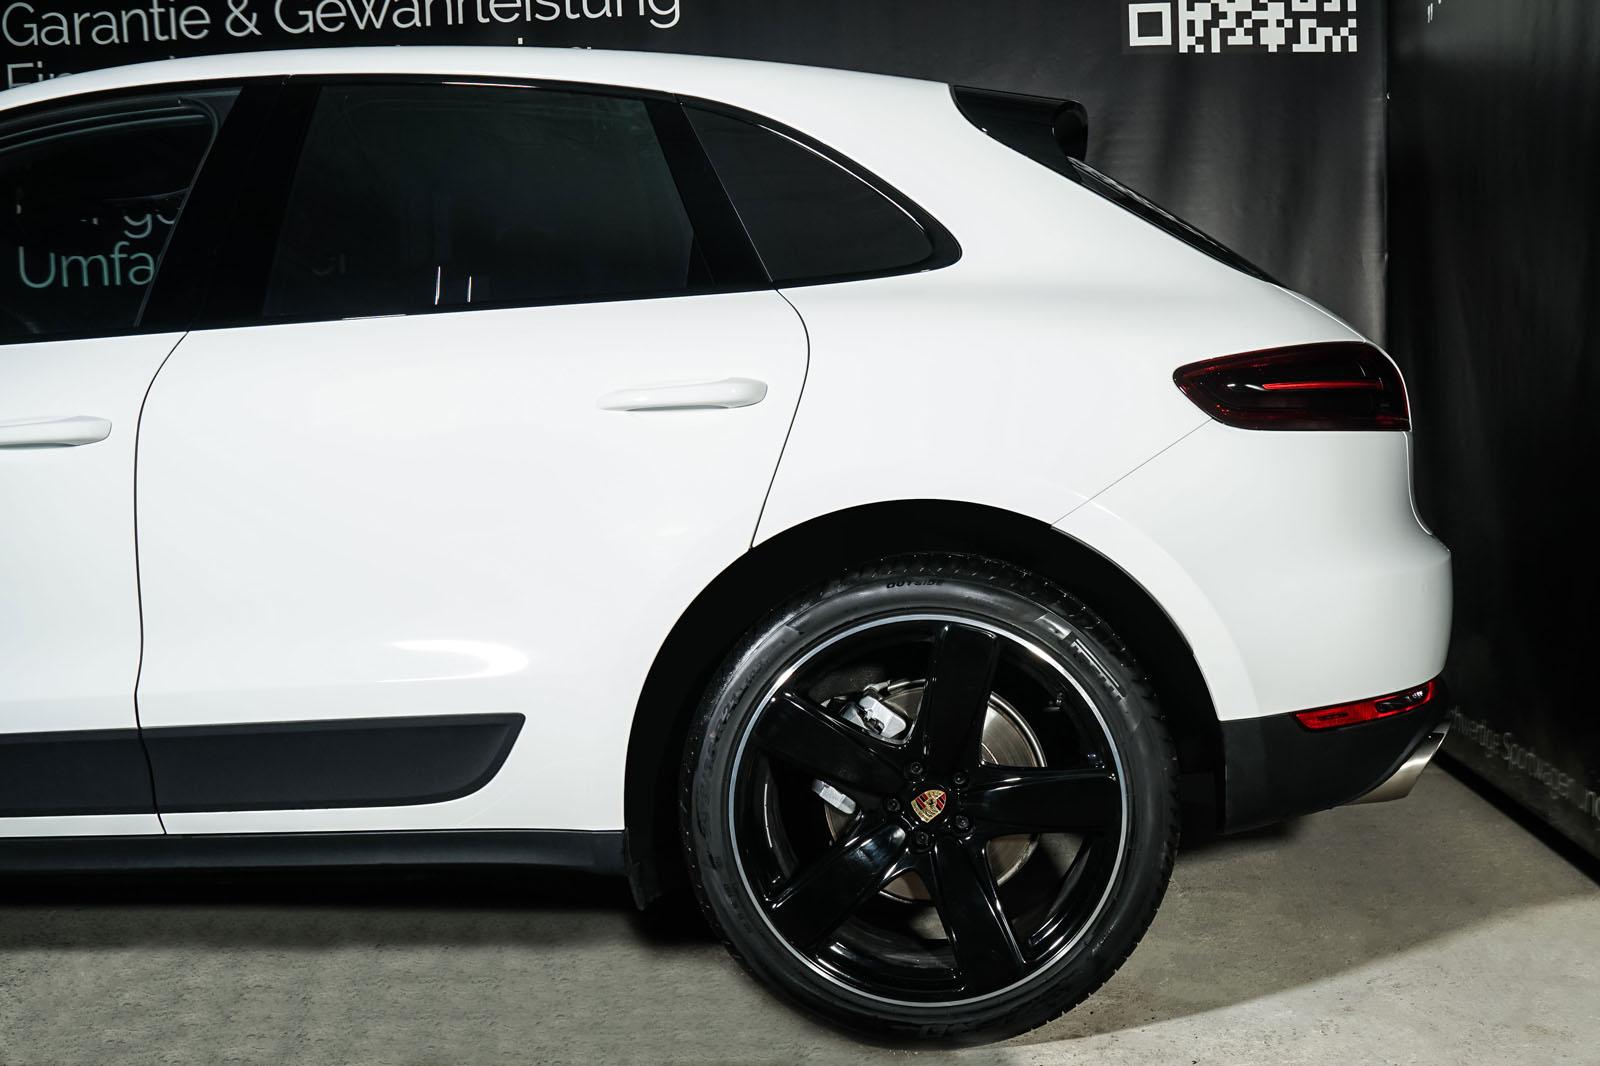 Porsche_Macan_S_Weiß_Schwarz_Por-3526_4_w